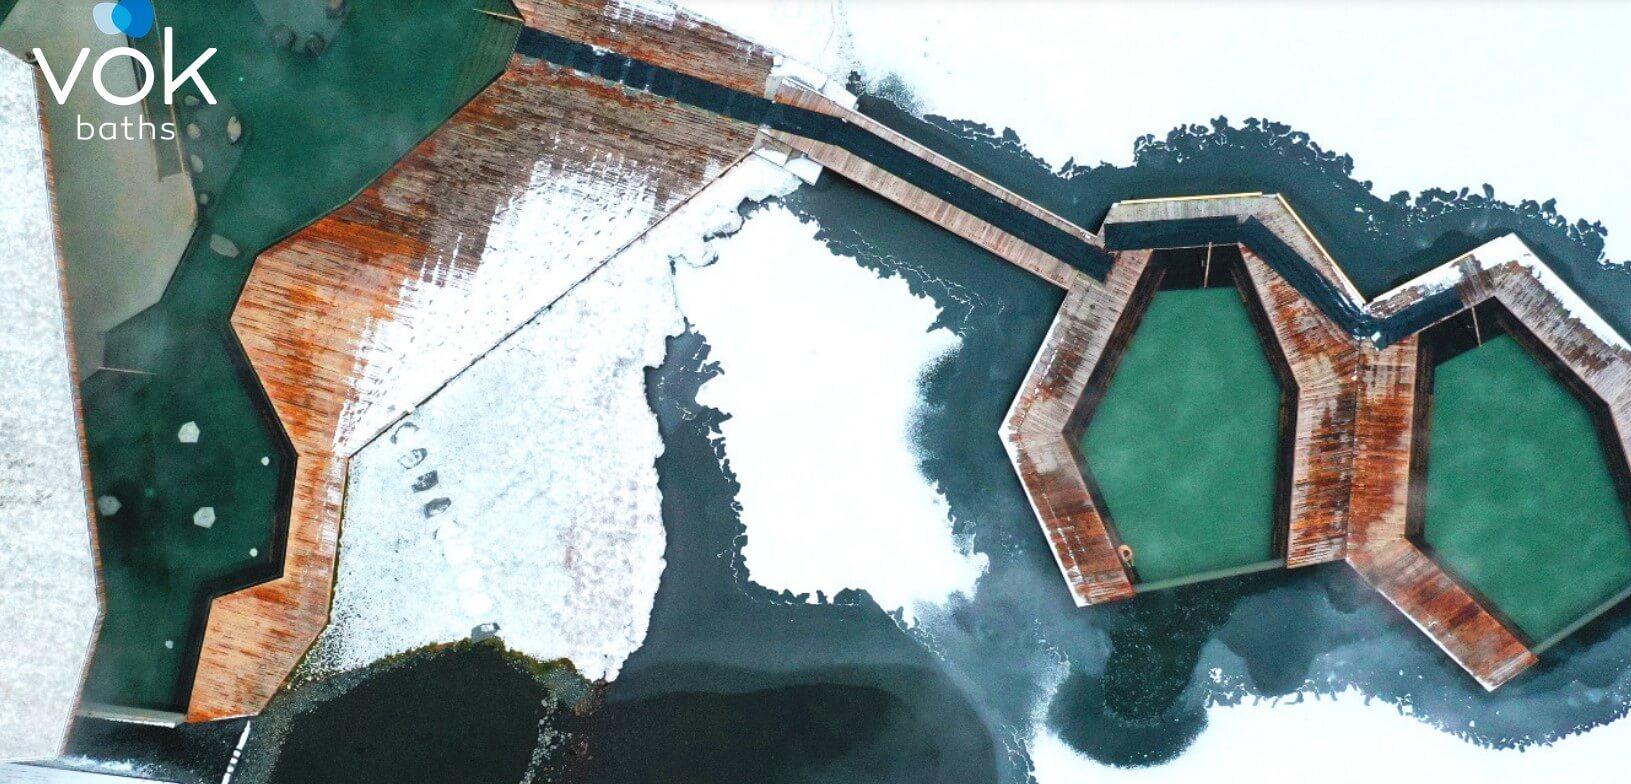 Vok termály a bazény